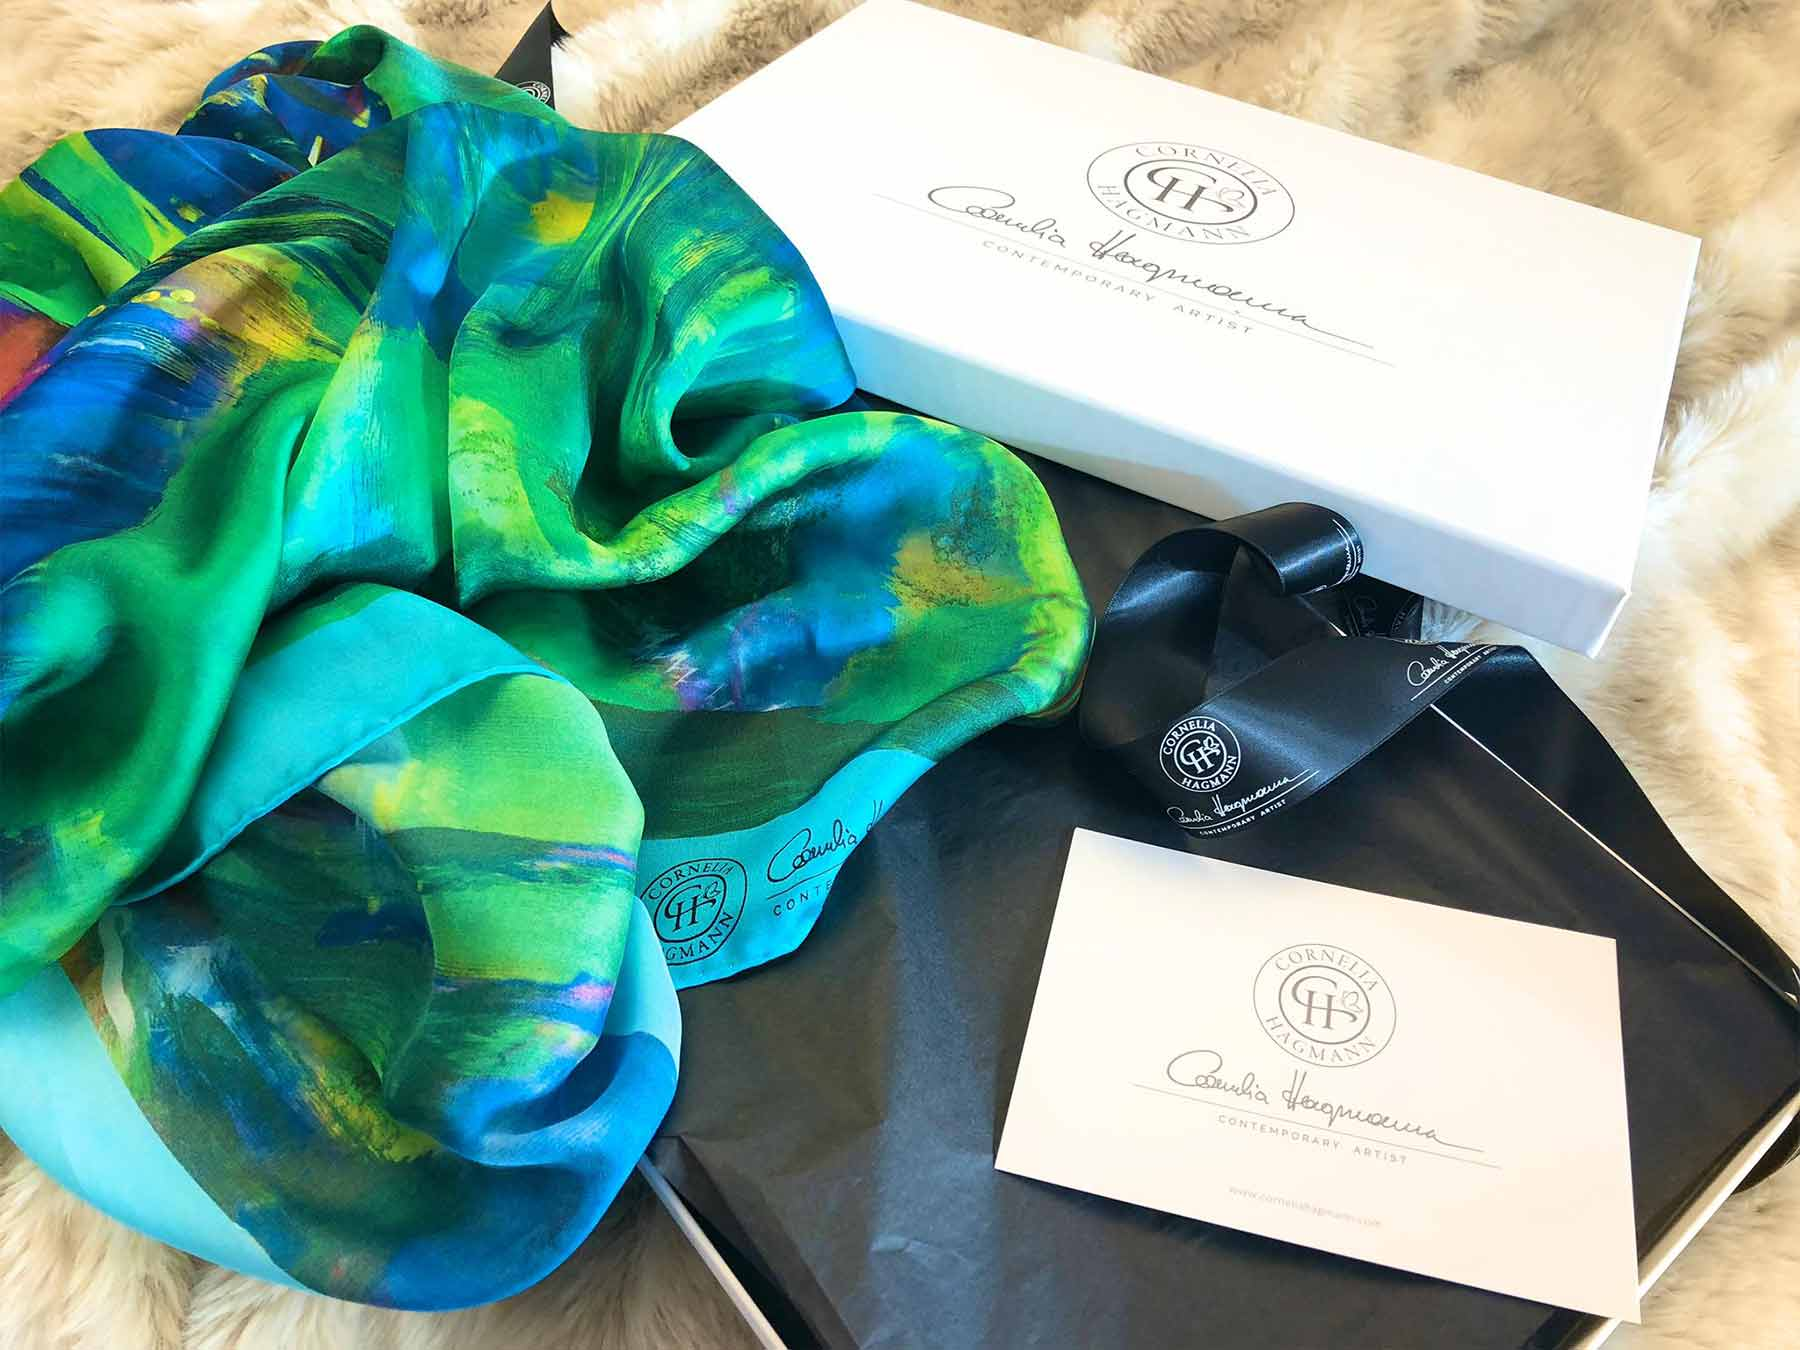 Contemporary Artist Cornelia Hagmann La Galleria Silk Scarf Gift Box, Seidenschal, sciarpa di seta, foulard soie,